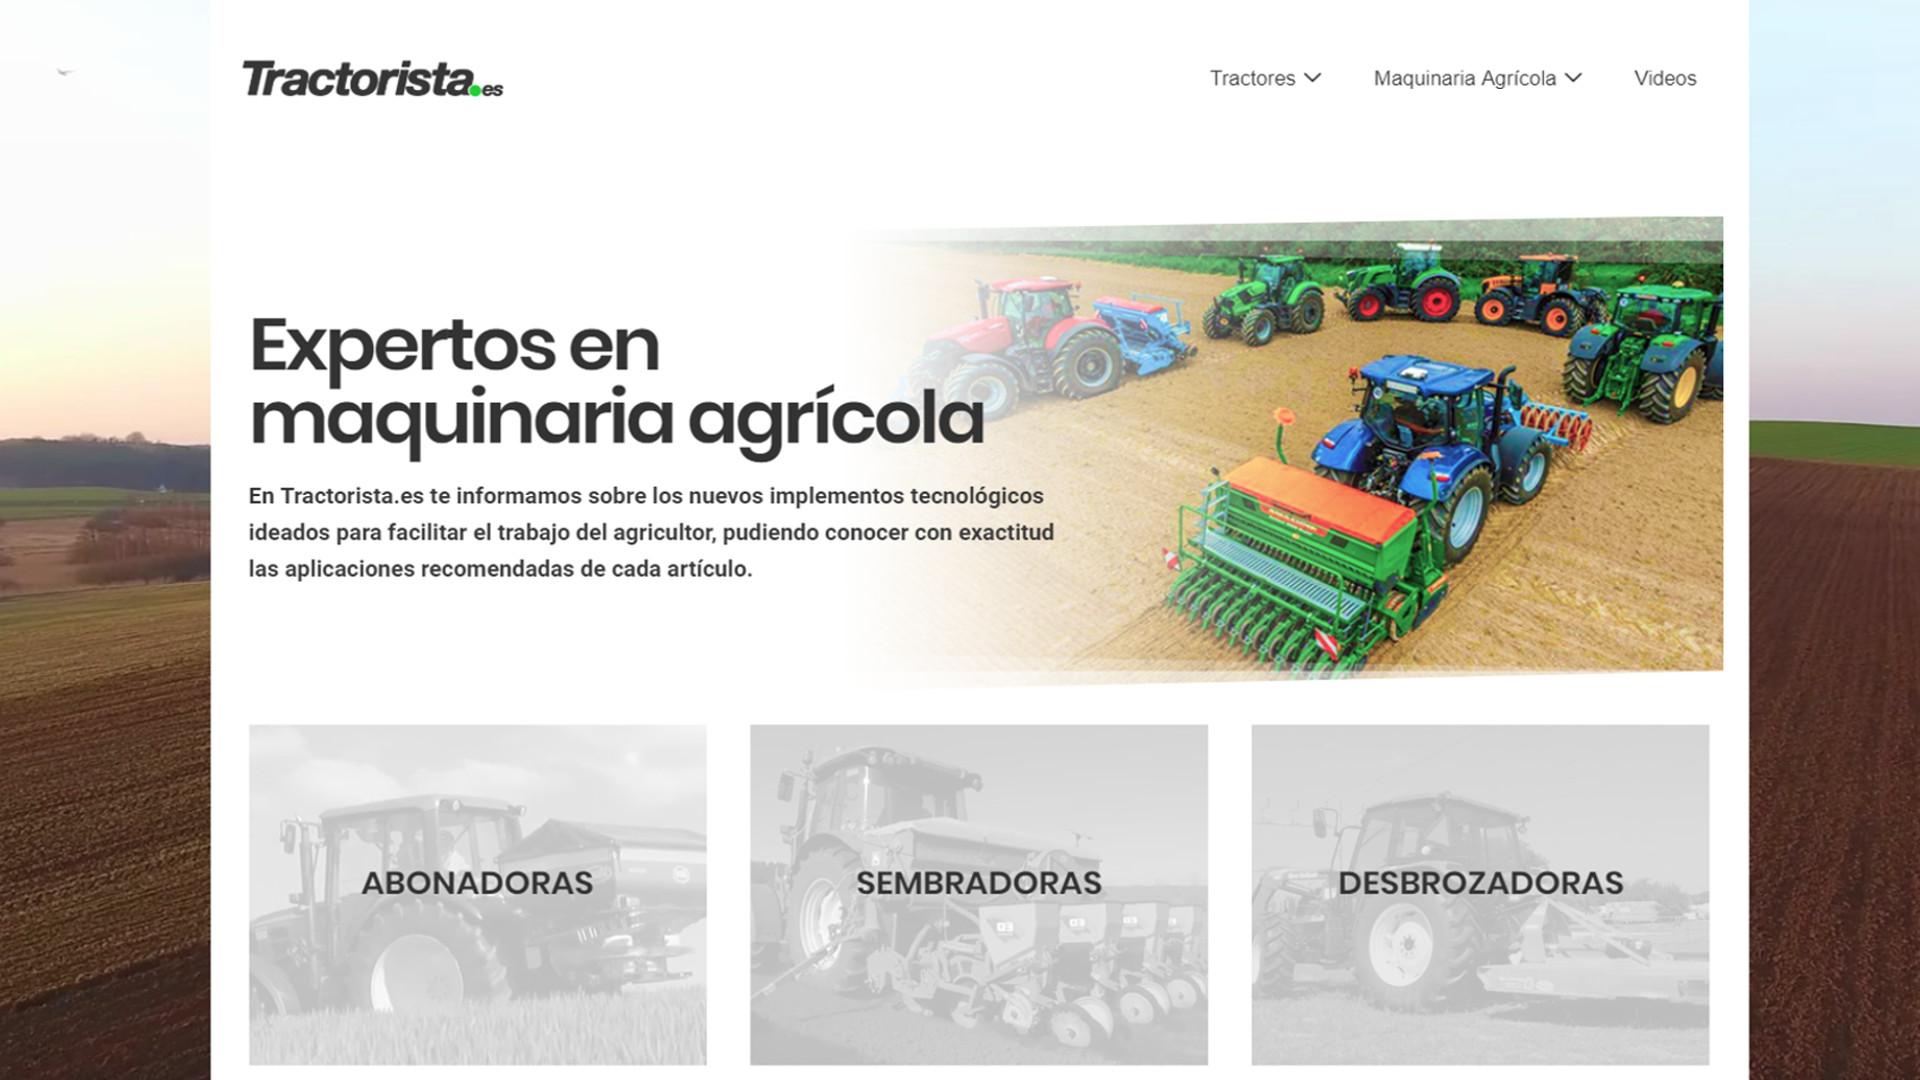 tractorista-portal-especializado-en-maquinaria-agricola-1920